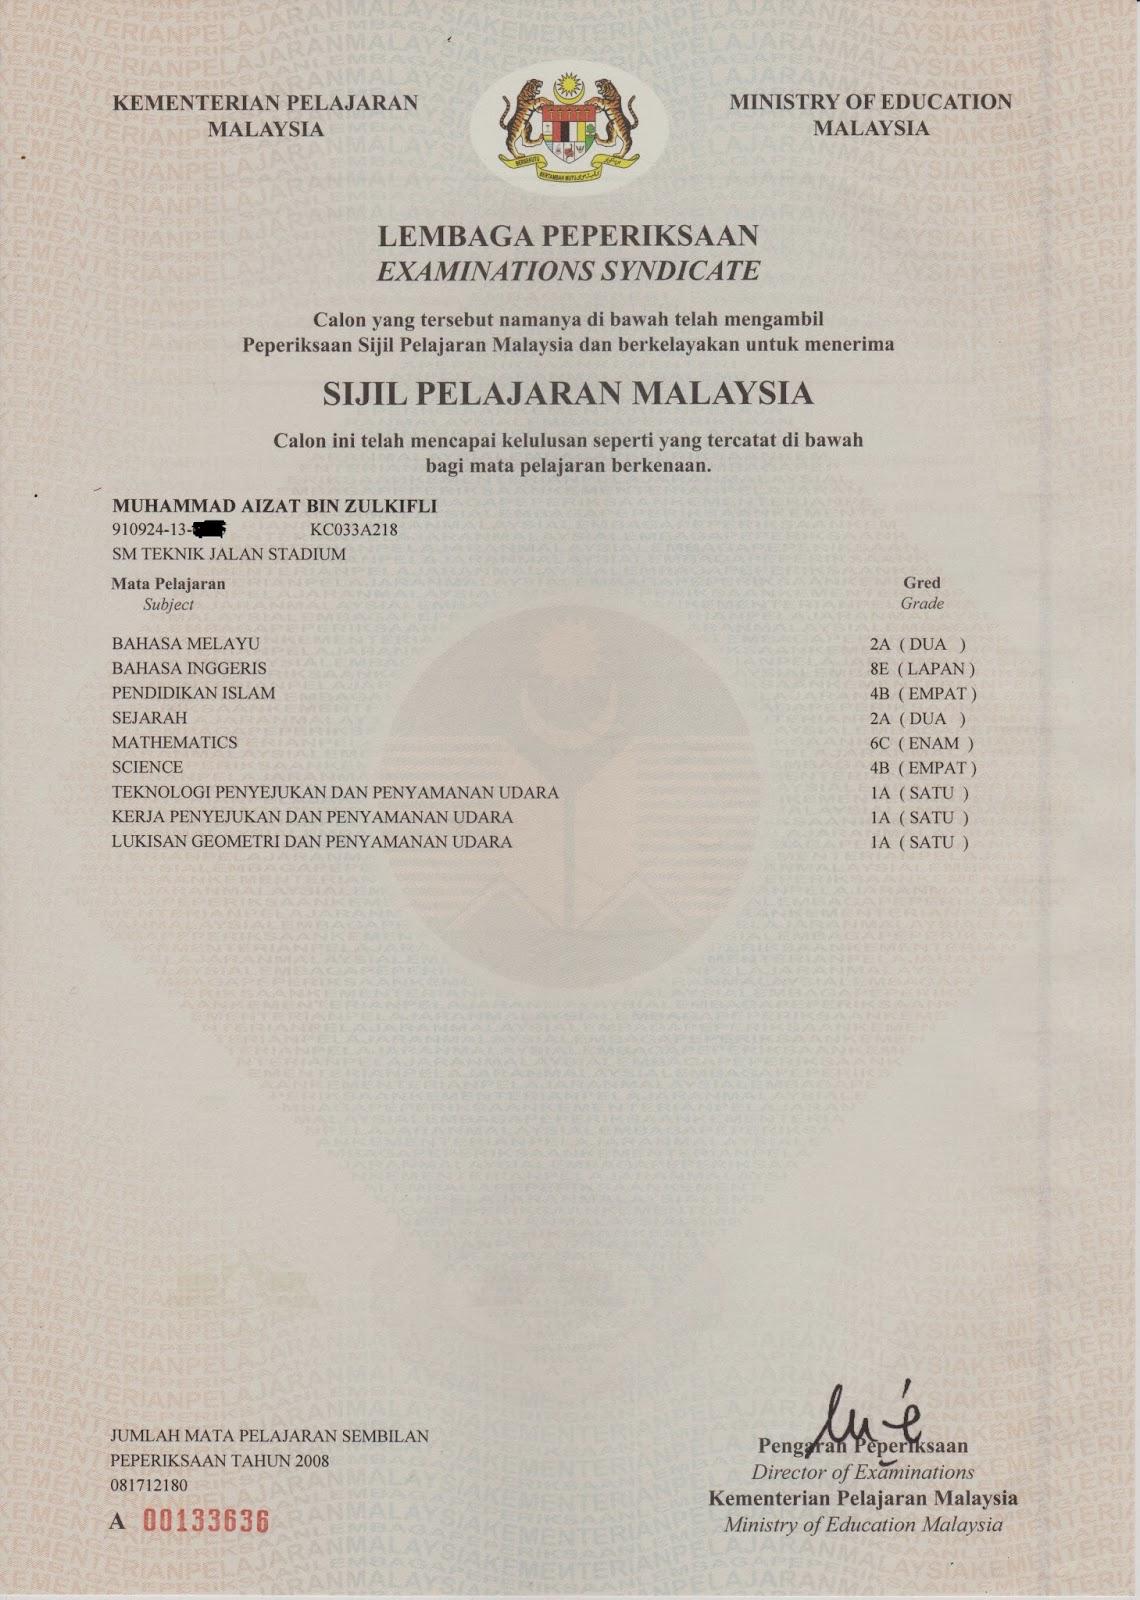 sijil pelajaran malaysia Laporan analisa keputusan peperiksaan sijil pelajaran malaysia tahun 2017 tahniah kepada calon peperiksaan yang berjaya mendapat keputusan peperiksaan spm.